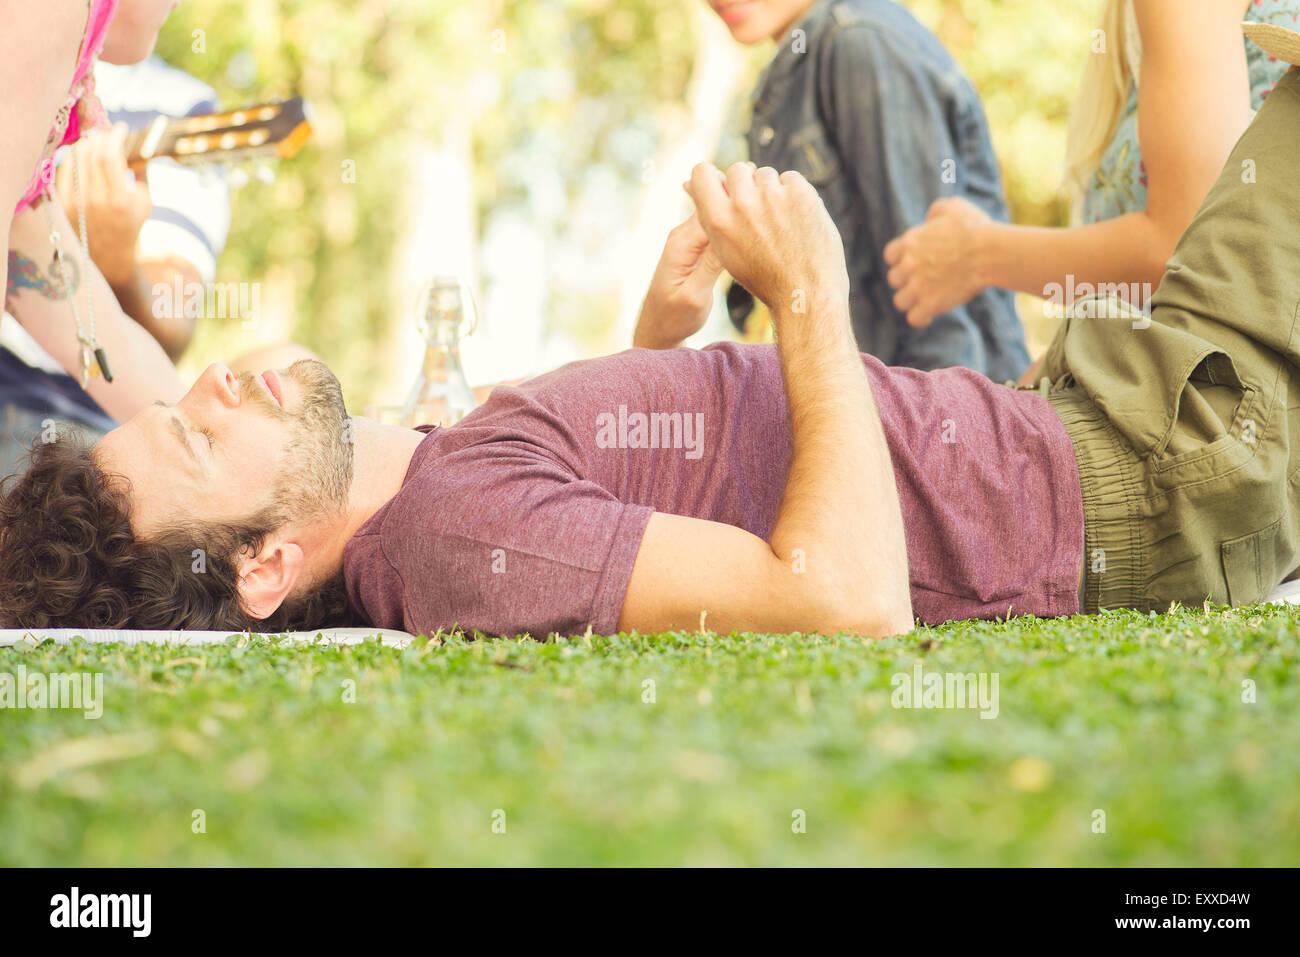 Man napping at picnic - Stock Image